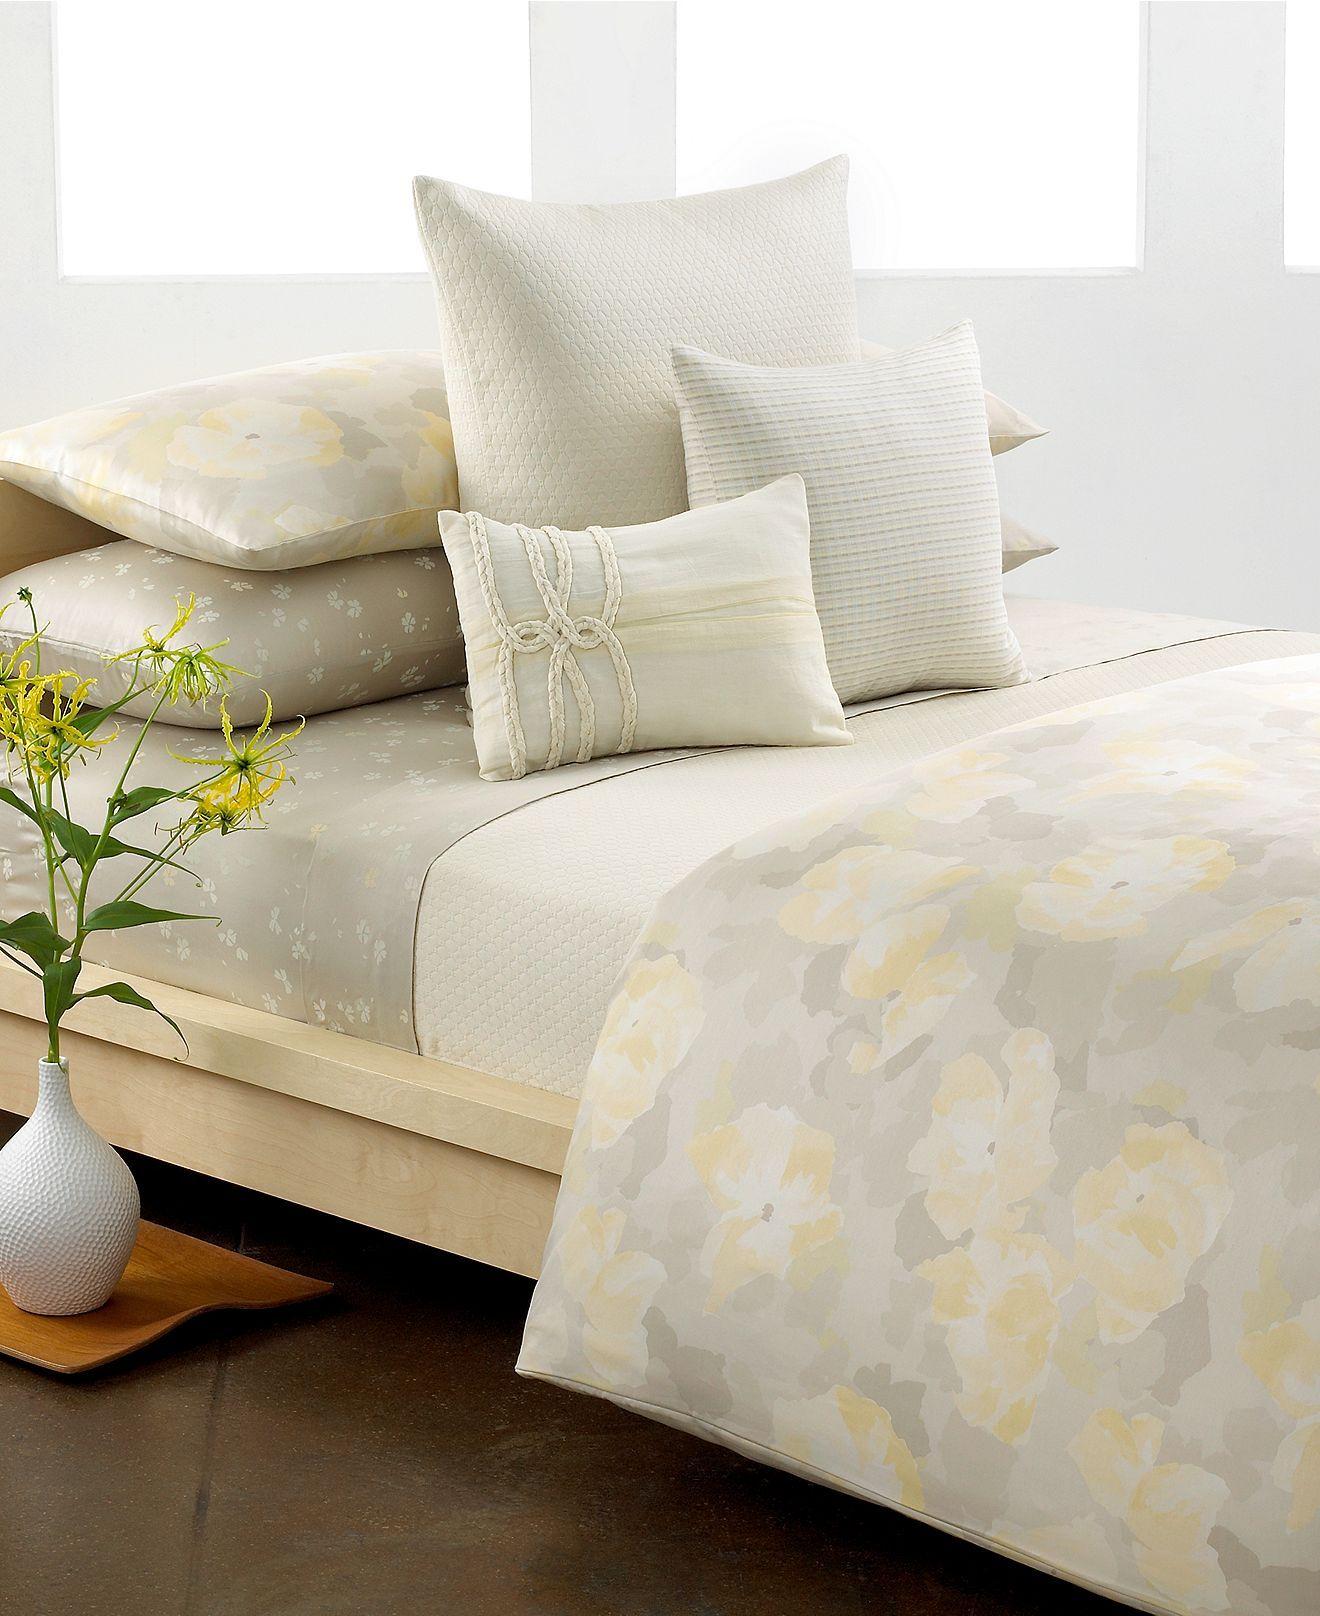 Calvin Klein Bedding, Poppy Comforter and Duvet Cover Sets